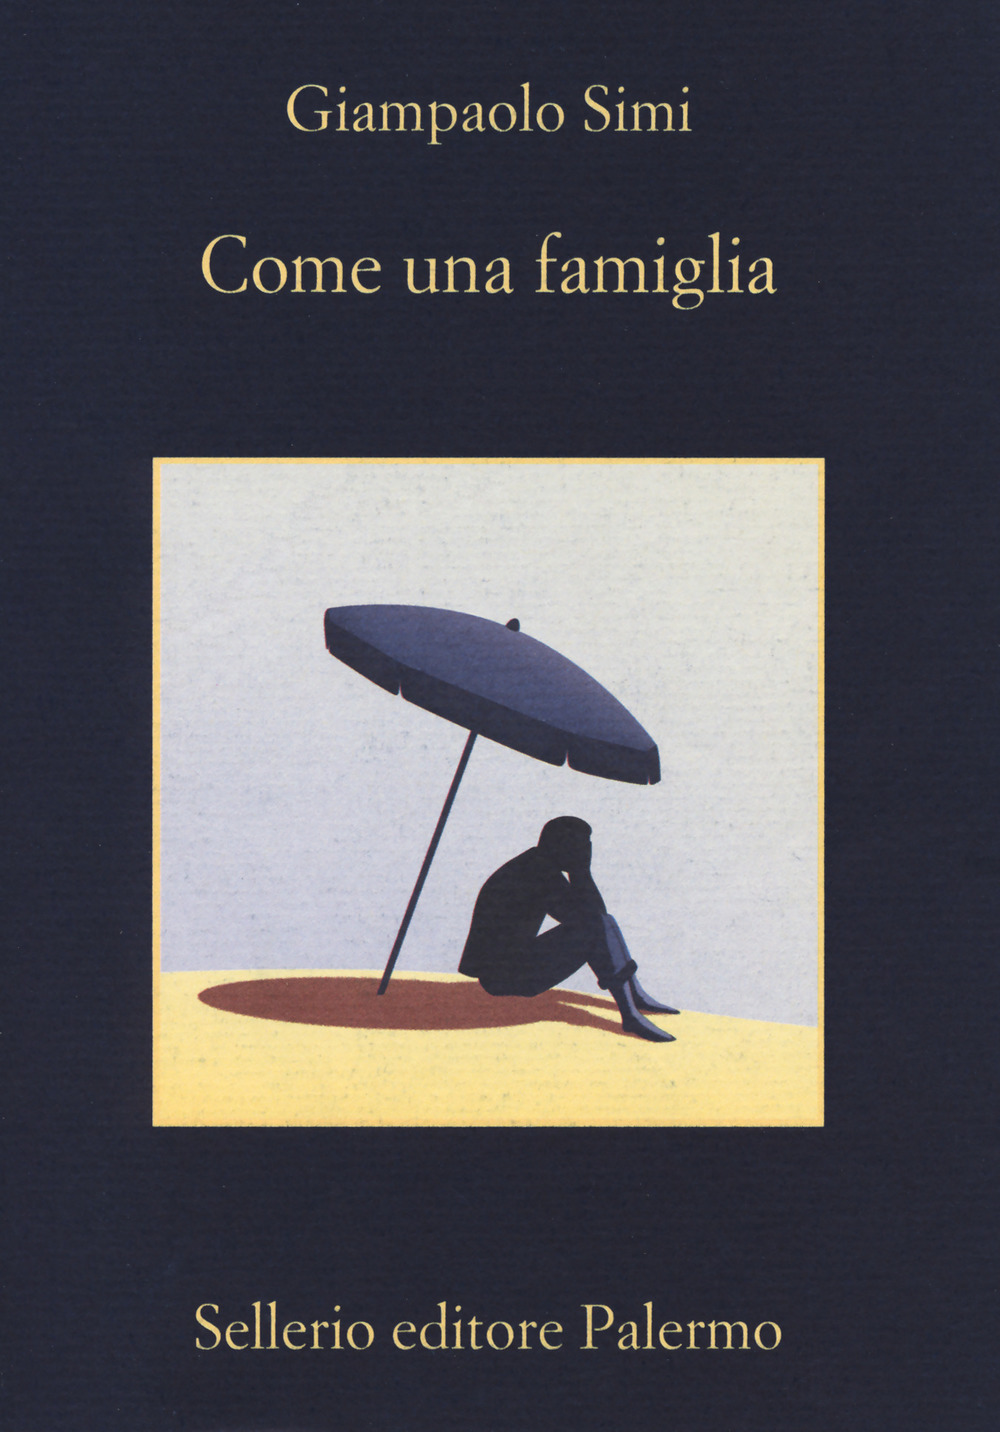 COME UNA FAMIGLIA - Simi Giampaolo - 9788838938030